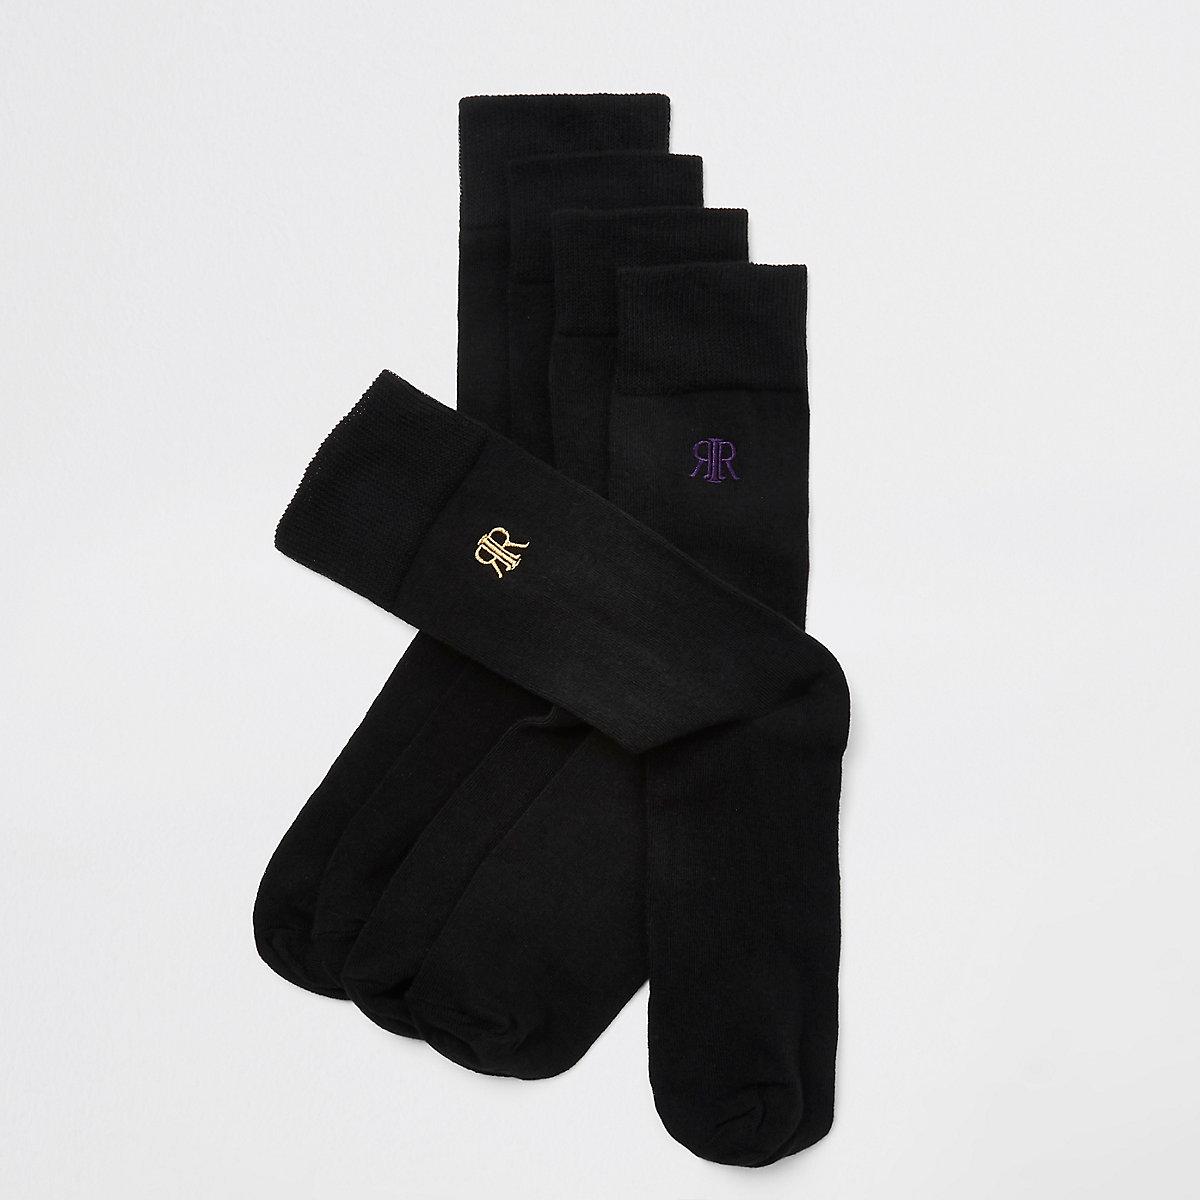 Black RI embroidered socks multipack